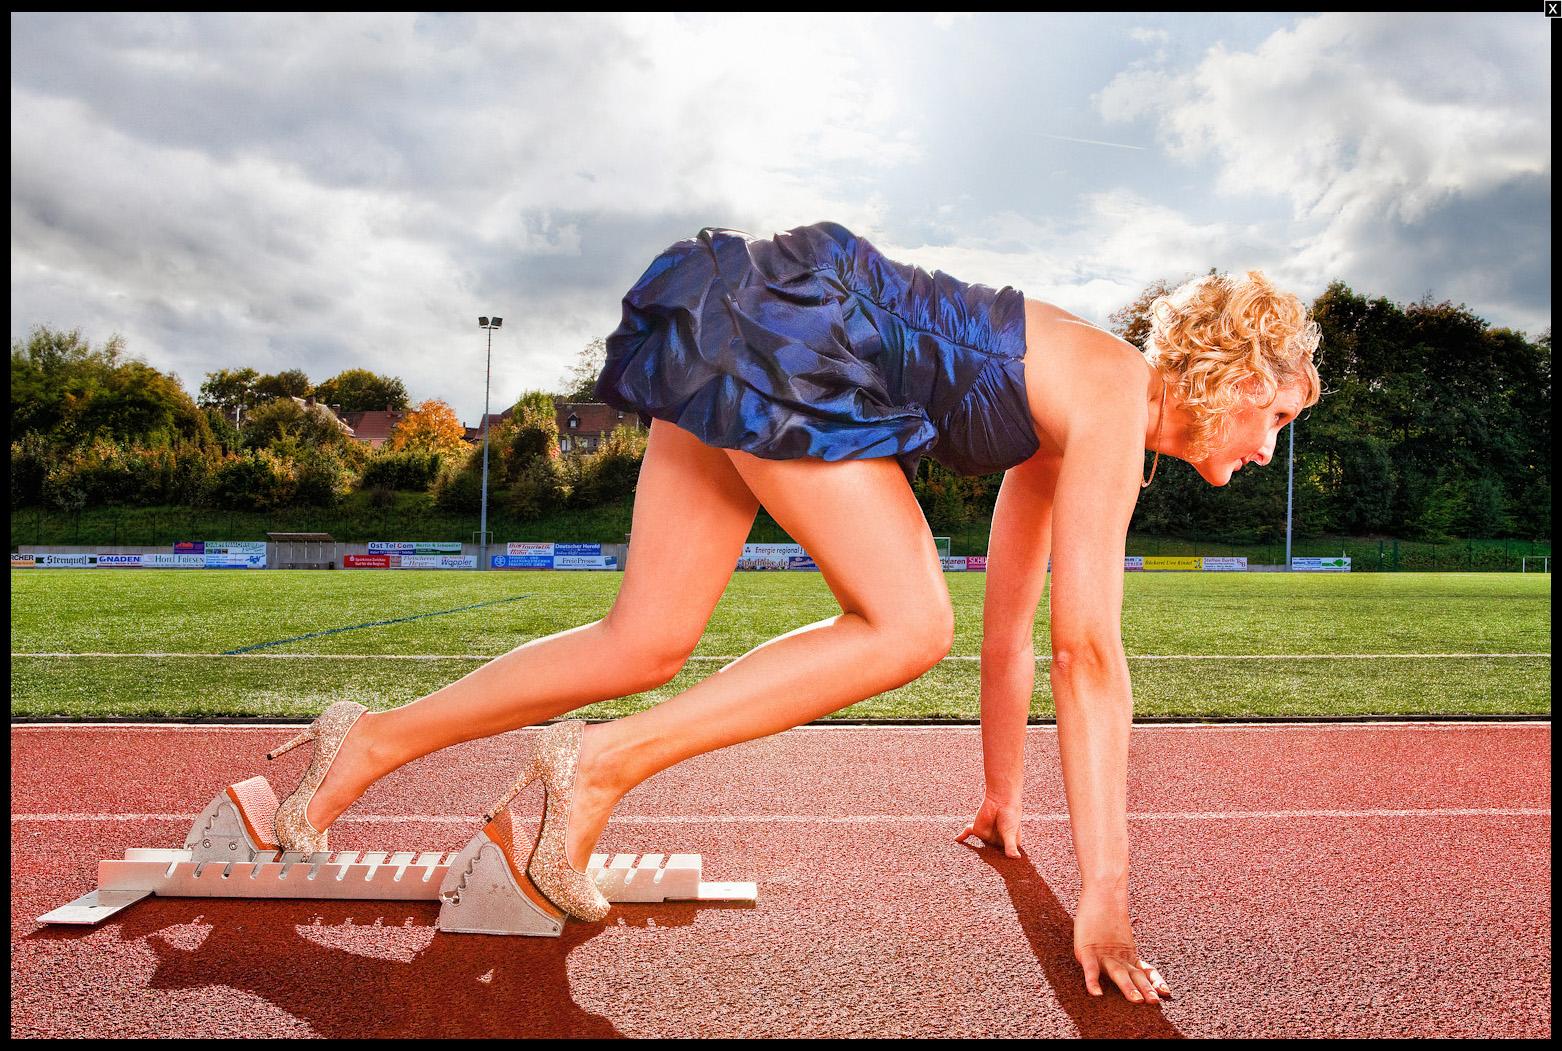 Джулия плечер на старте. Источник http://richardbradbury.com/